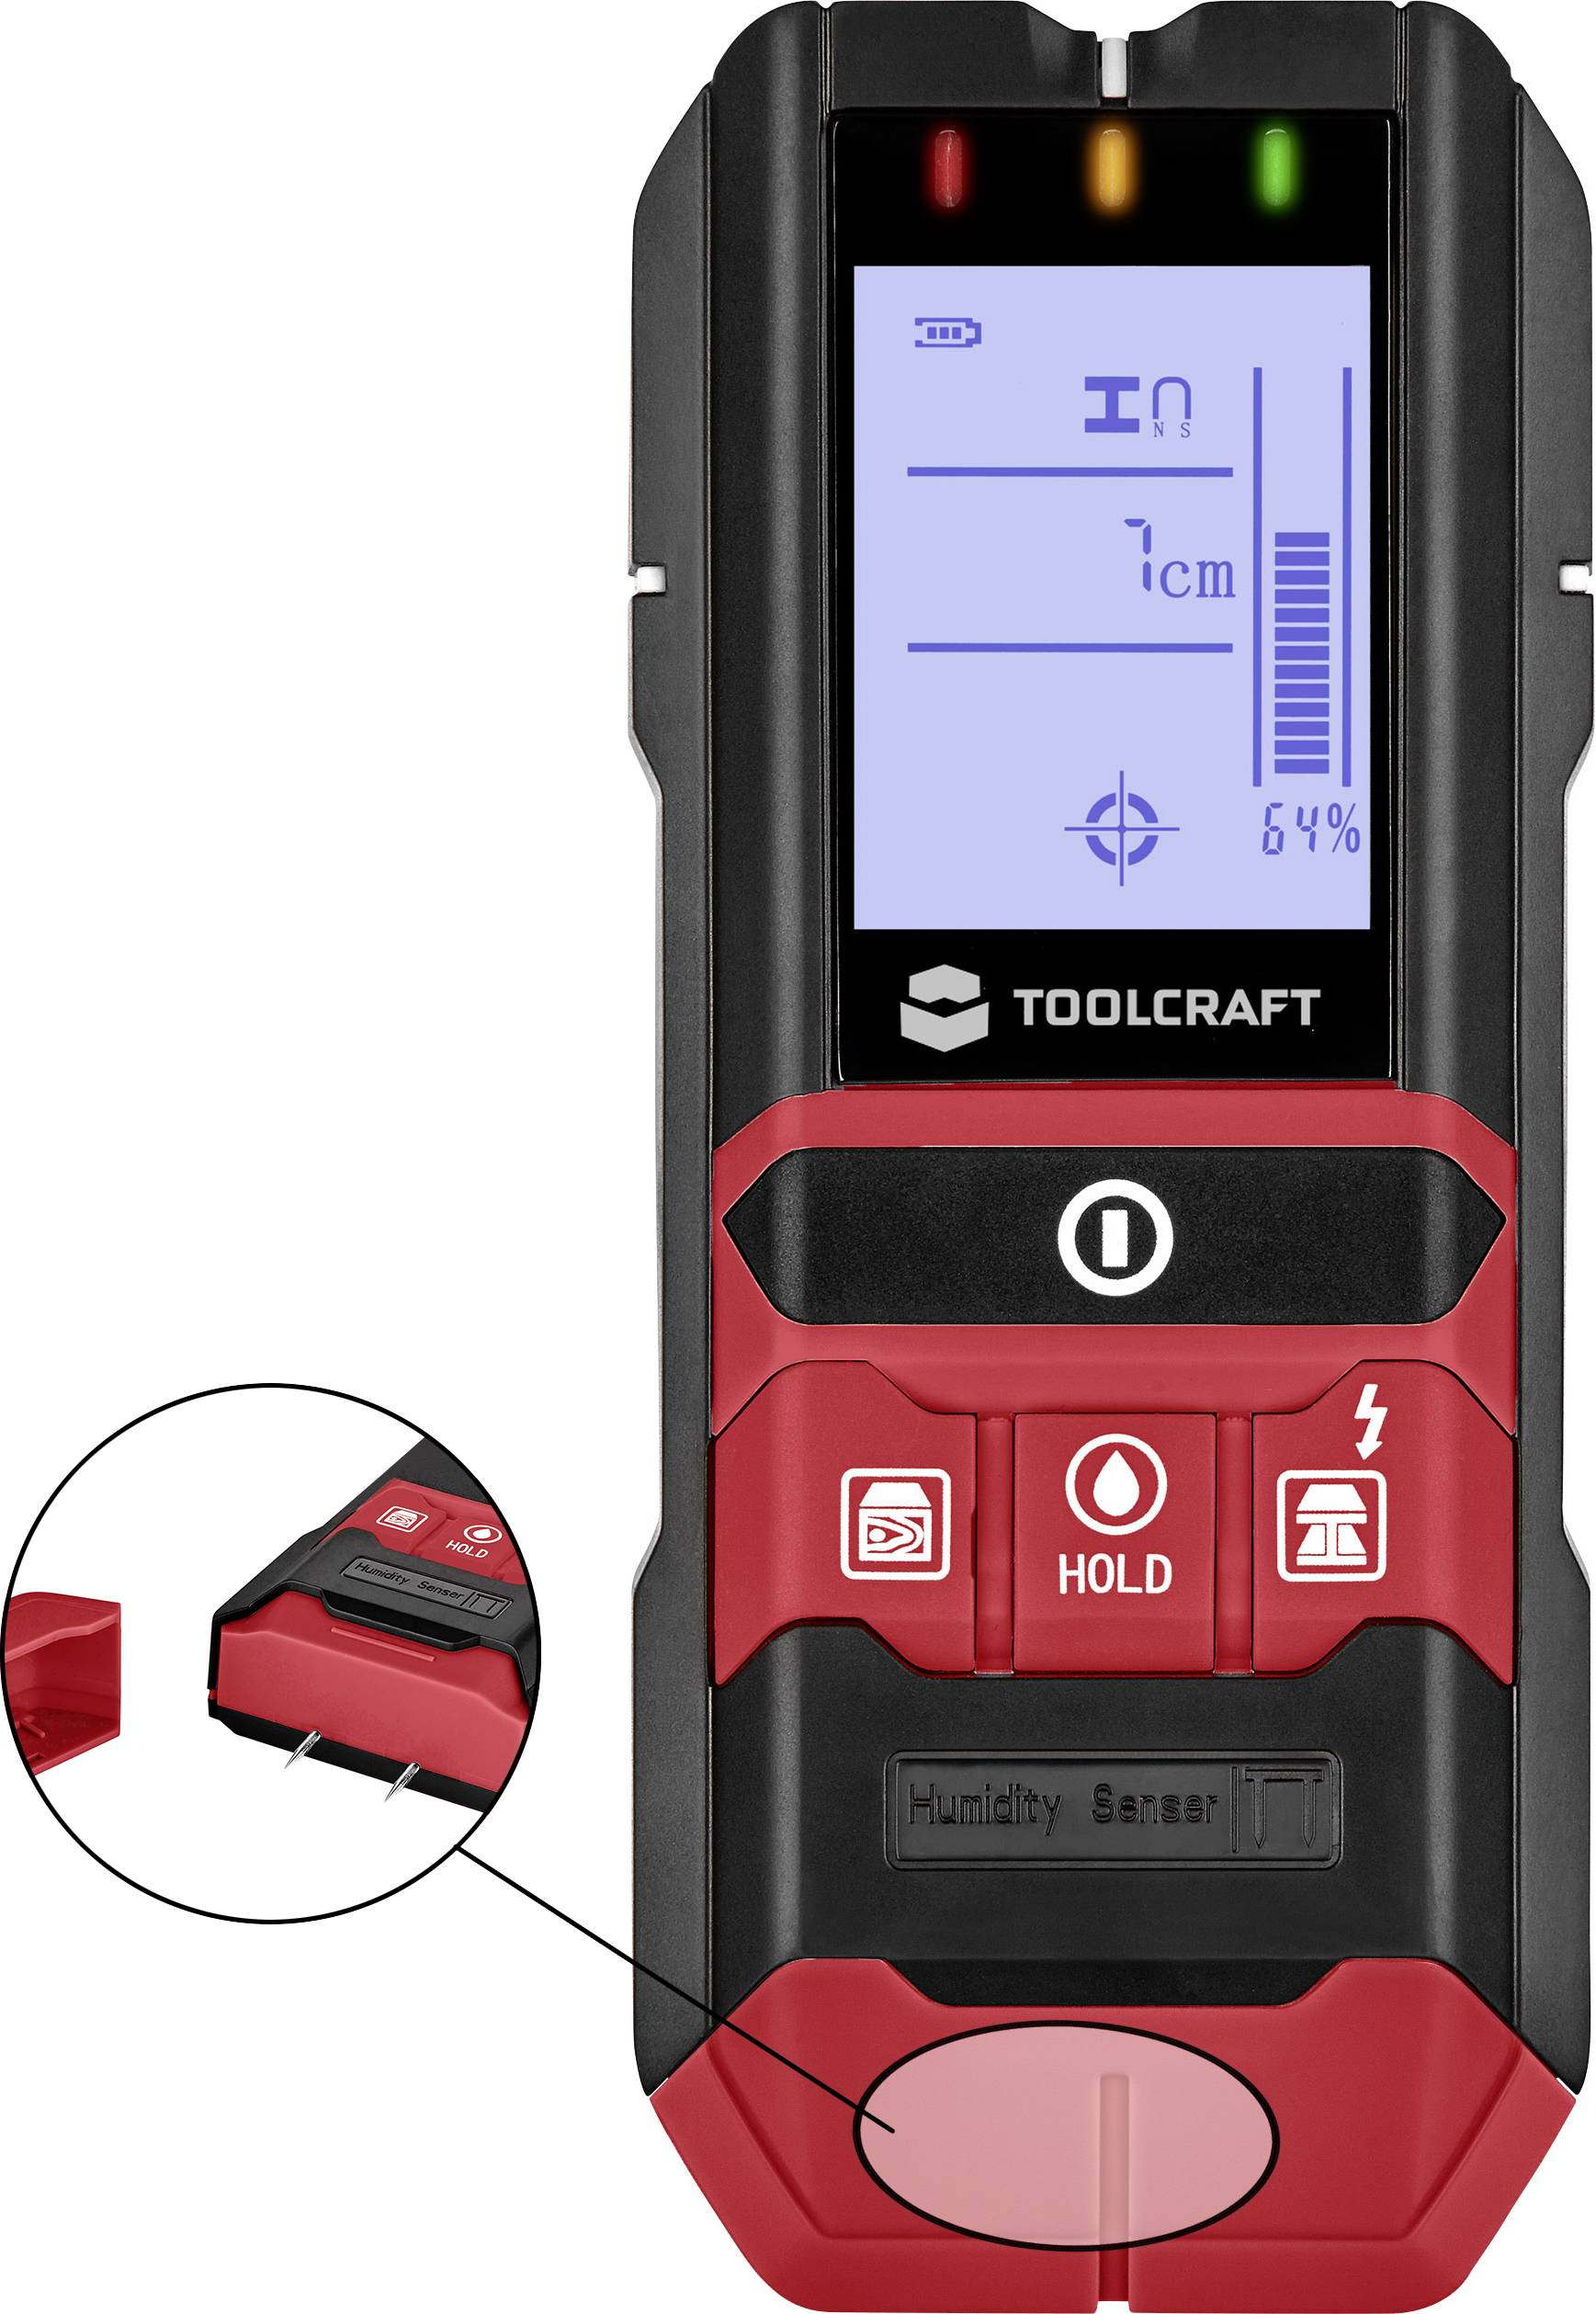 Detektor TOOLCRAFT TO-5137833